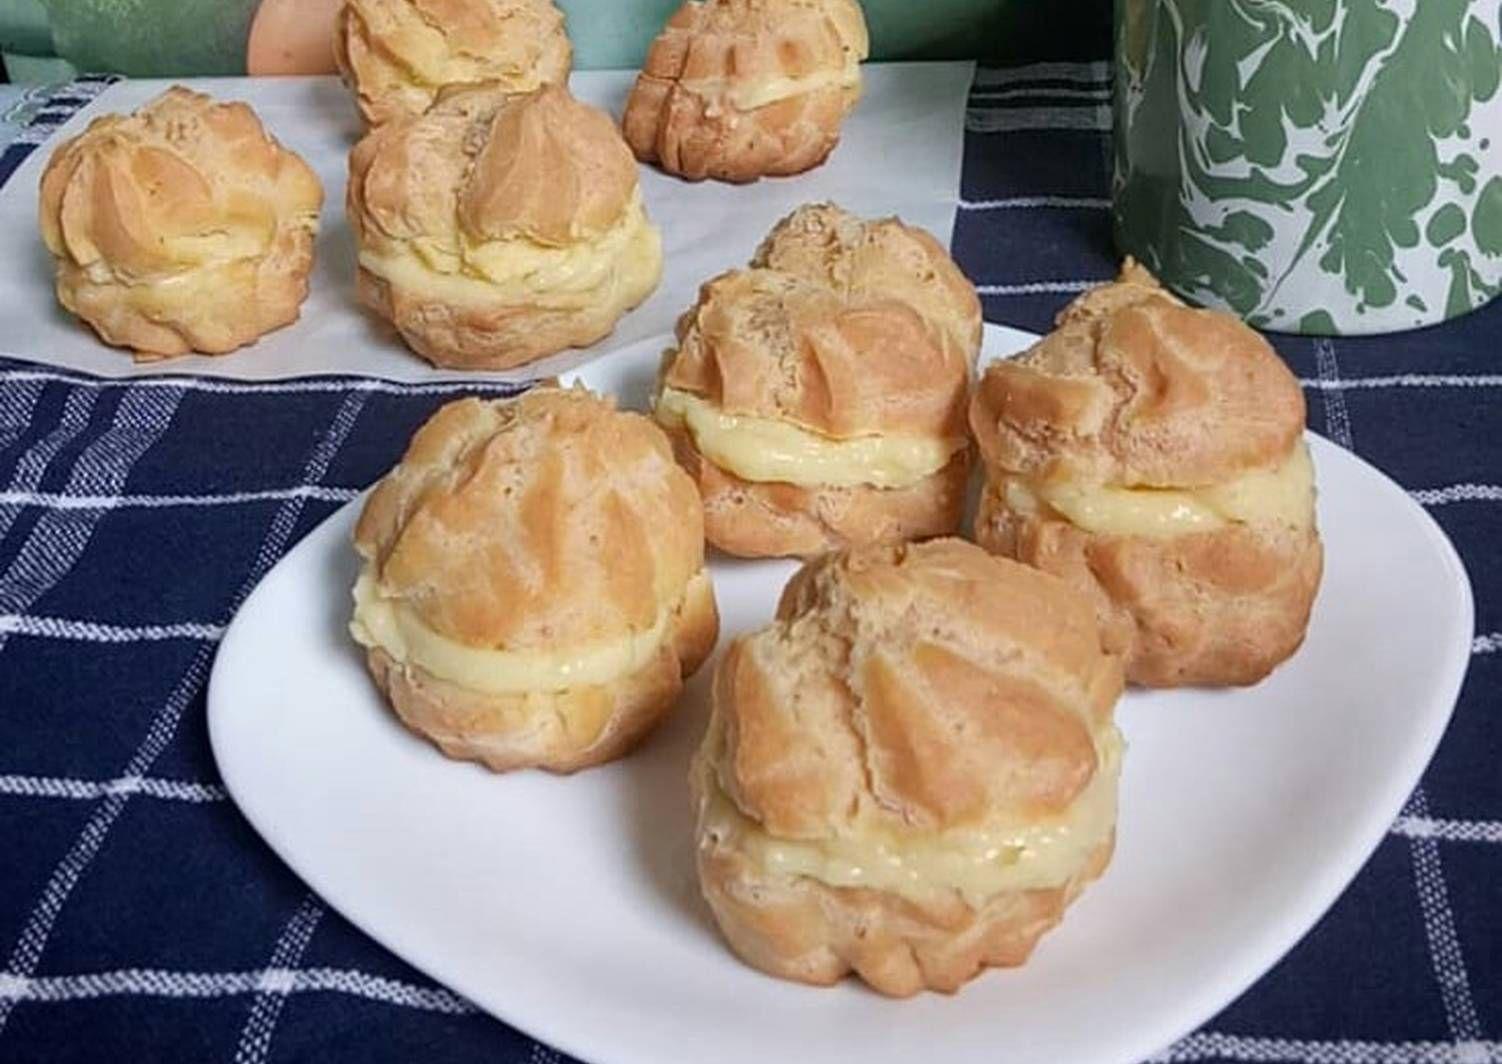 Resep Sus Soes Choux Pastry Vla Vanila Kokoh Tanpa Mixer Oleh Yuliana Menjoi Resep Makanan Dan Minuman Makanan Pastry